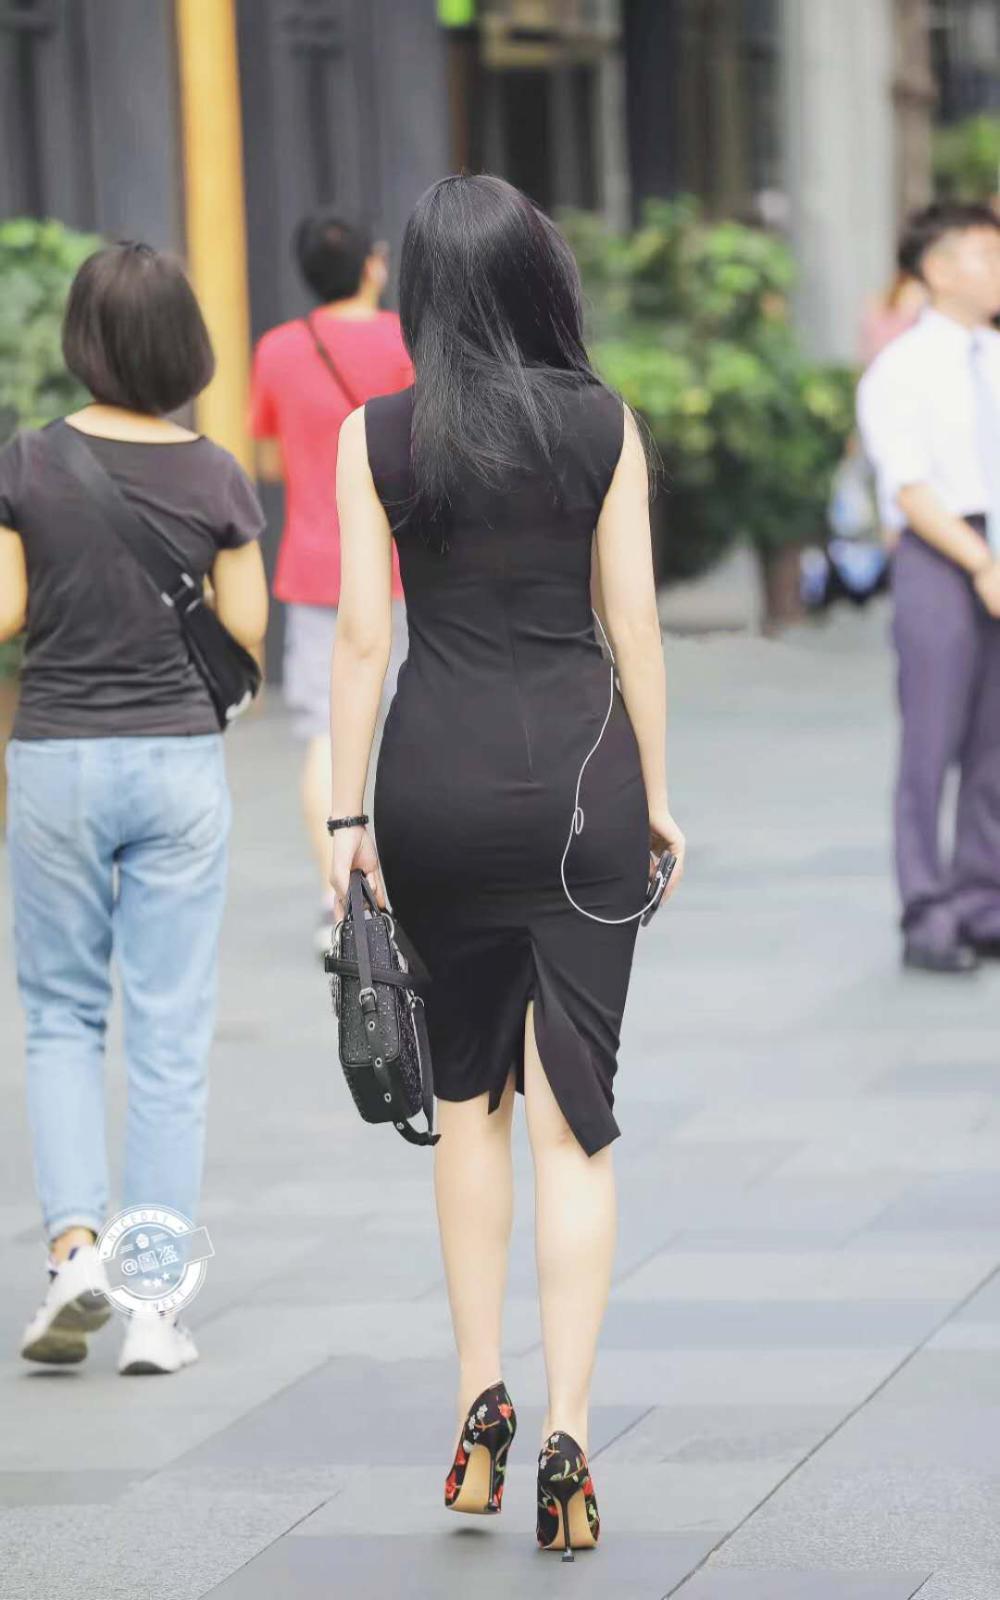 女人用腿夹男人头_中国女人爱黑棒 - www.qiqiapk.com